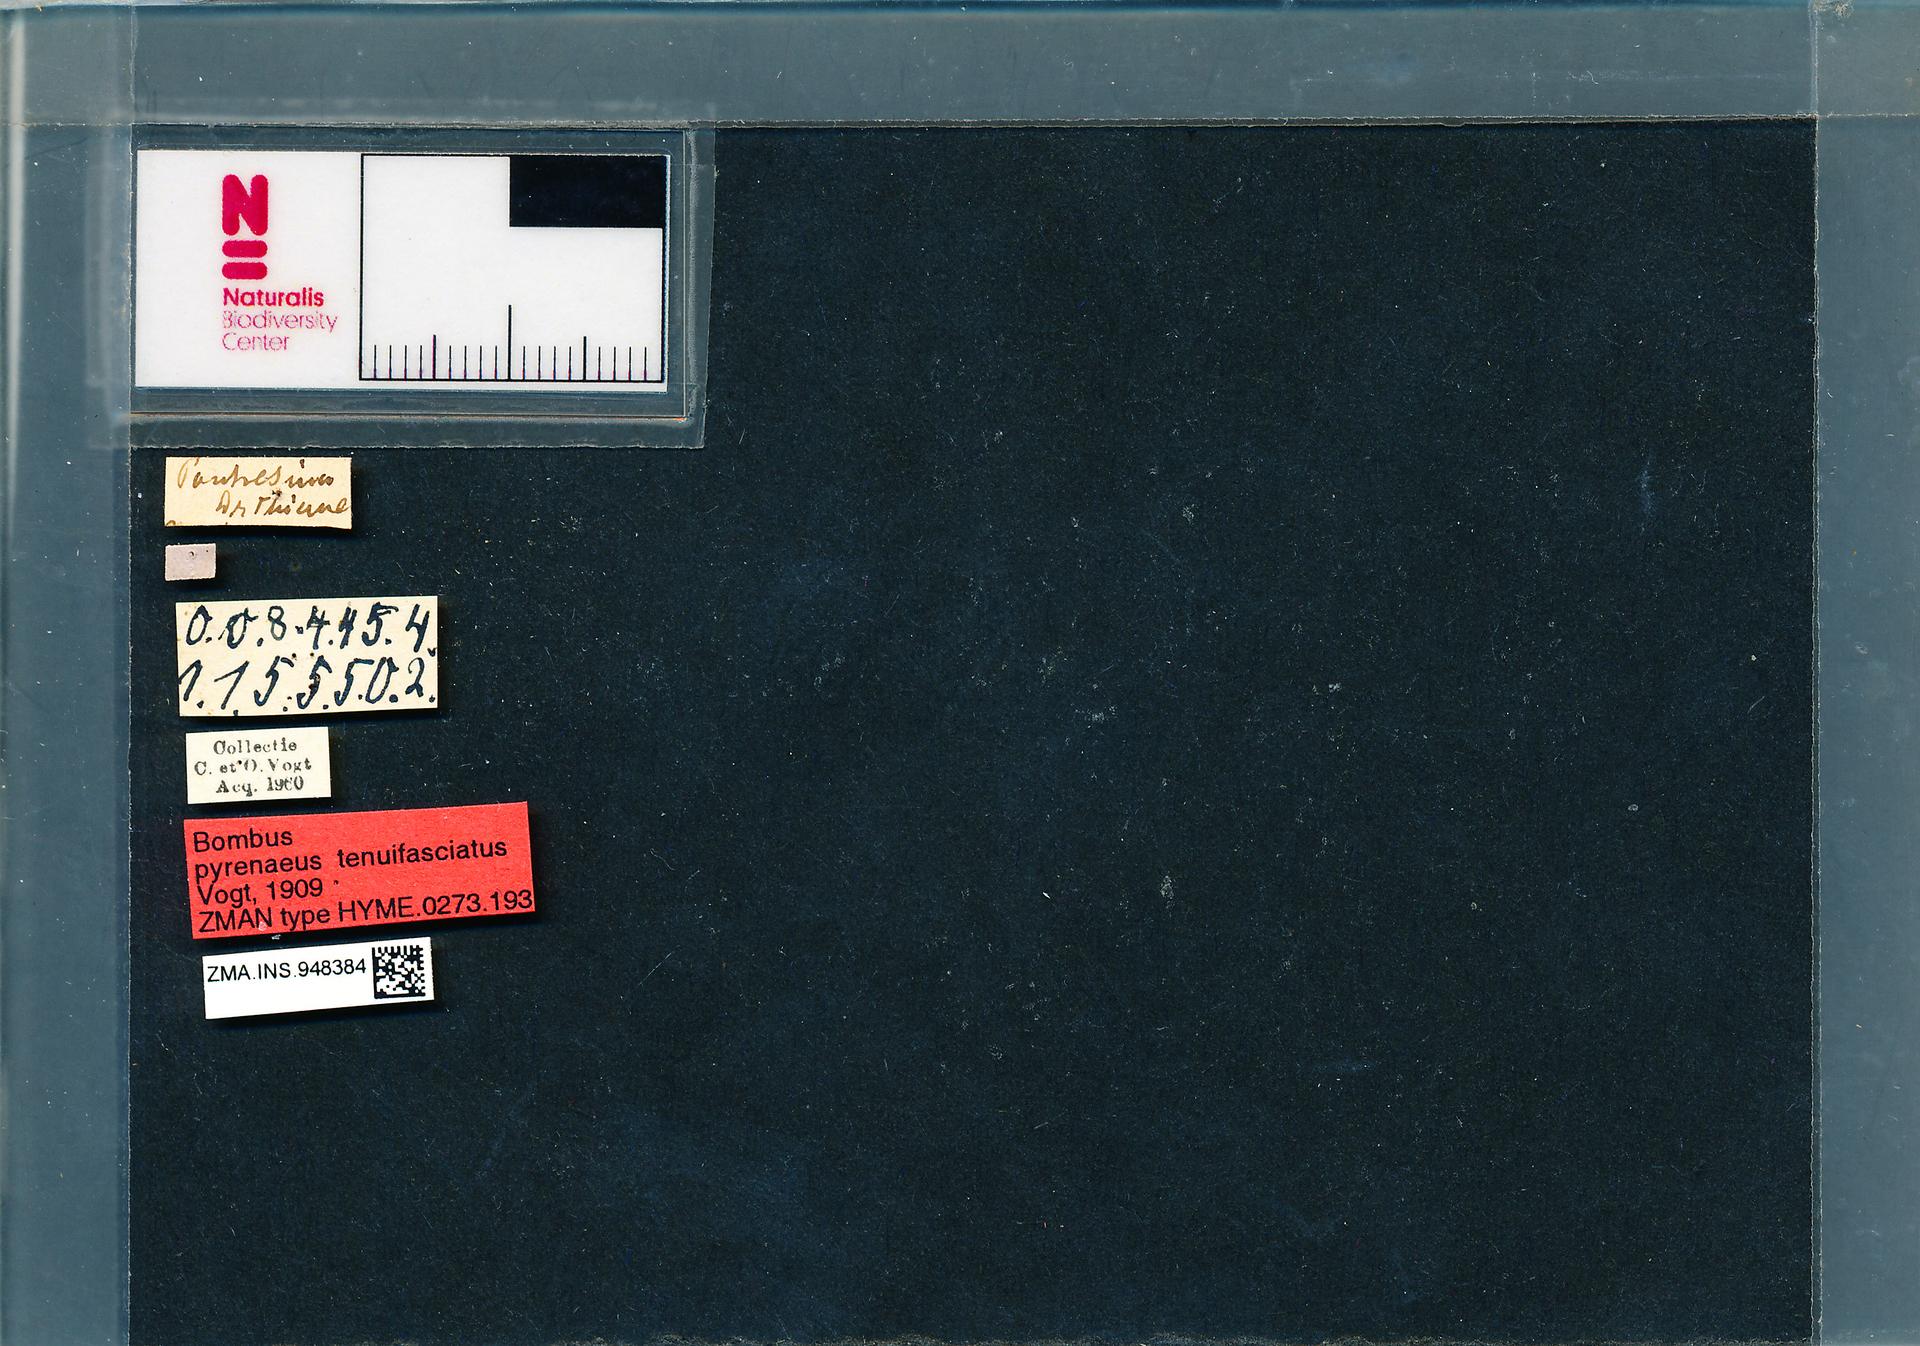 ZMA.INS.948384 | Bombus (Pyrobombus) pyrenaeus tenuifasciatus Vogt, 1909